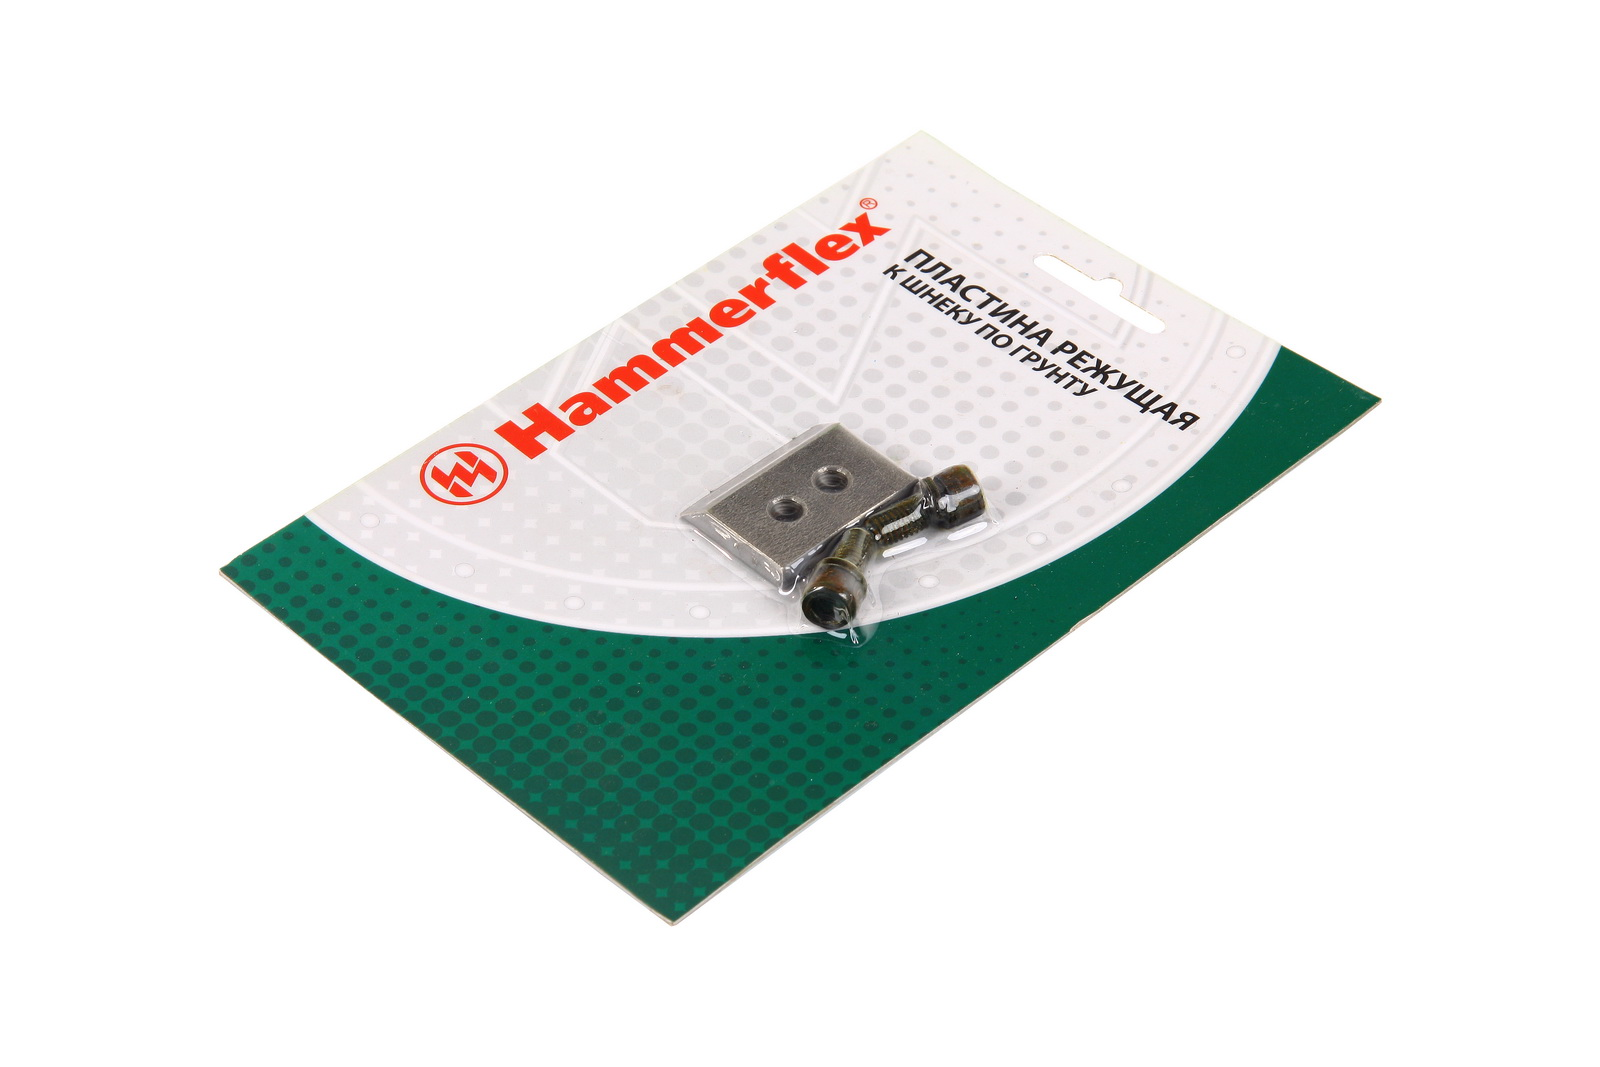 Пластина Hammer 210-015 холст 30x40 printio богатырское здоровье